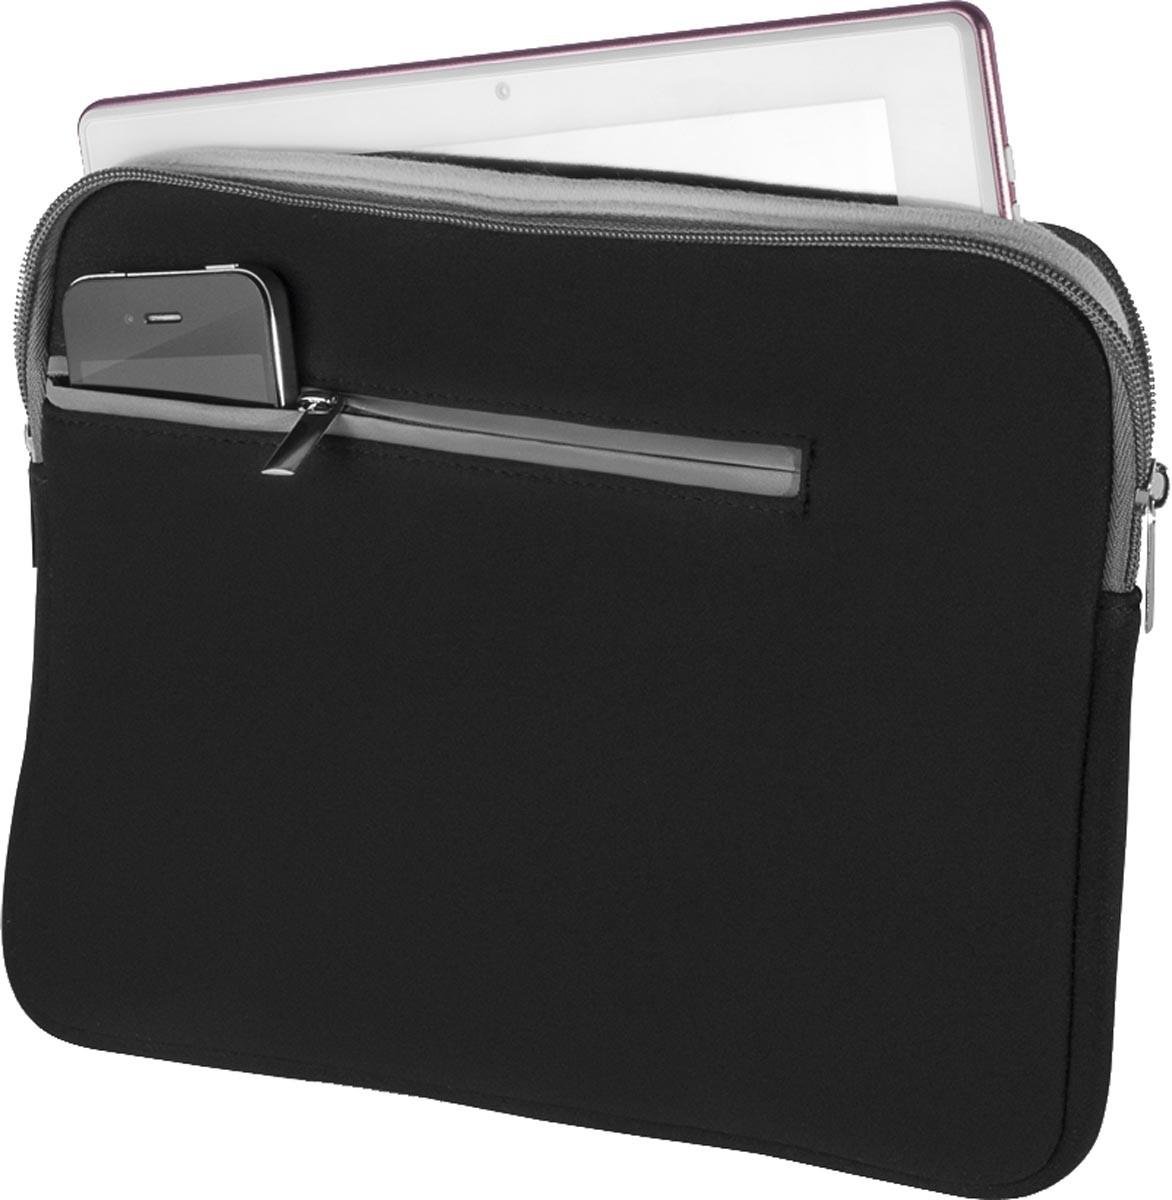 Case Notebook até 14 Polegadas Preto e Cinza BO207 Multilaser